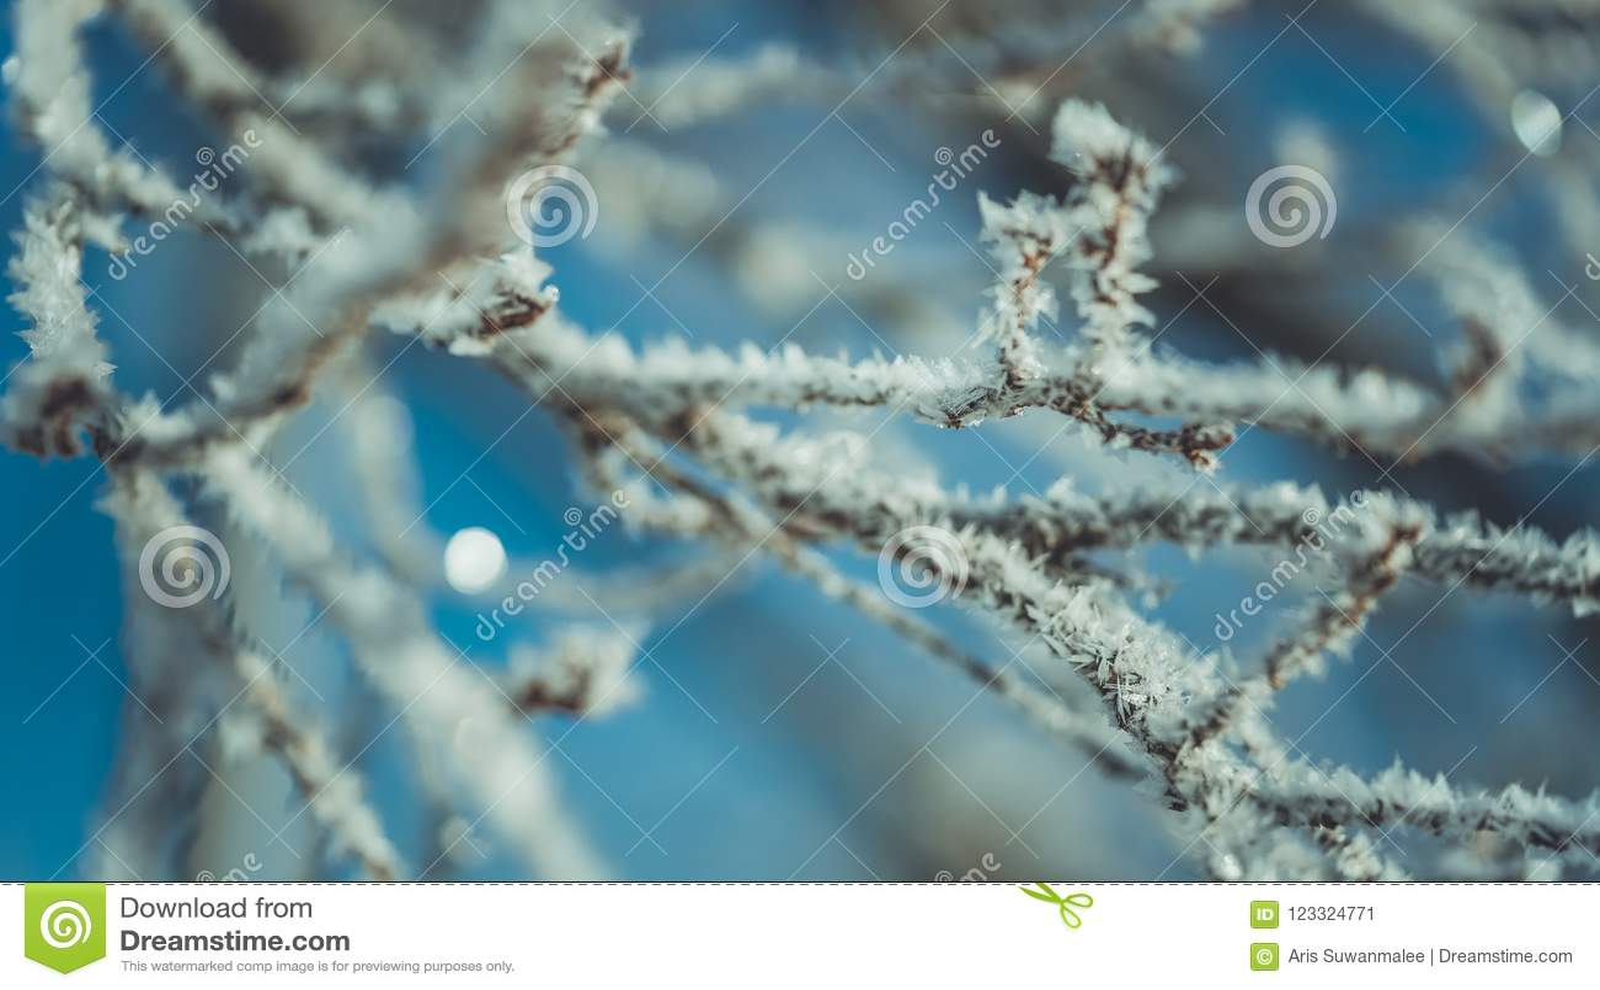 Fiocco Di Neve Bianco Sul Ramo Di Albero Immagine Stock Immagine